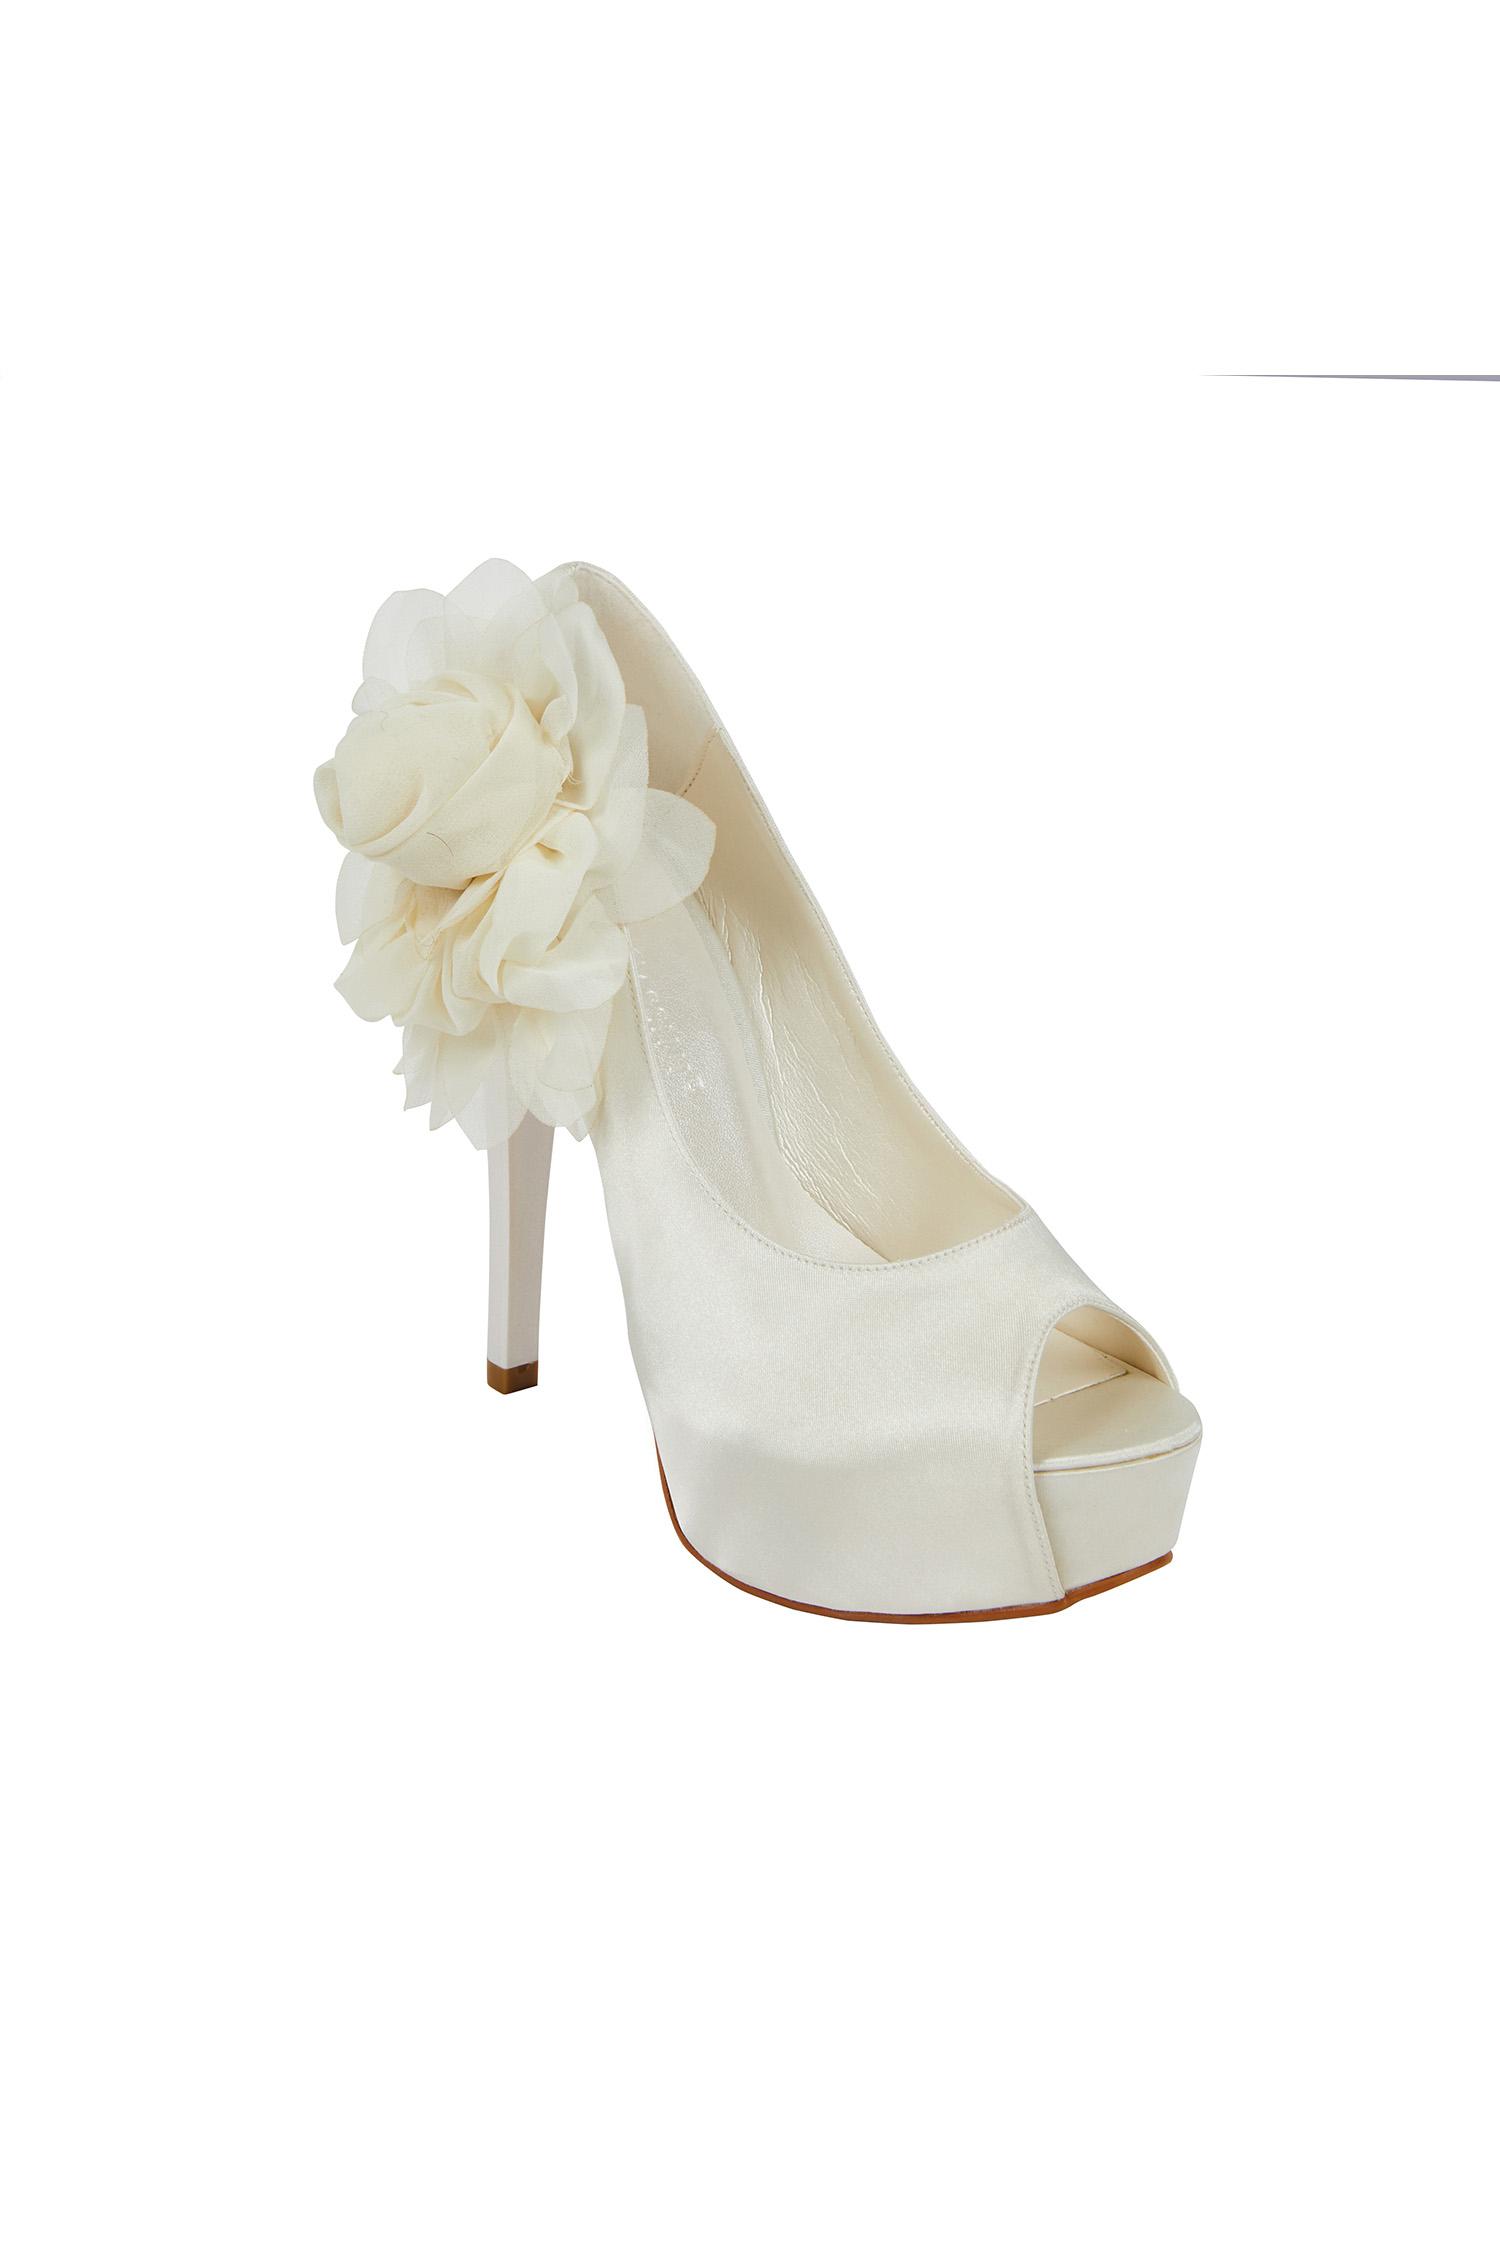 Çiçek Detaylı Yüksek Topuklu Saten Gelin Ayakkabısı